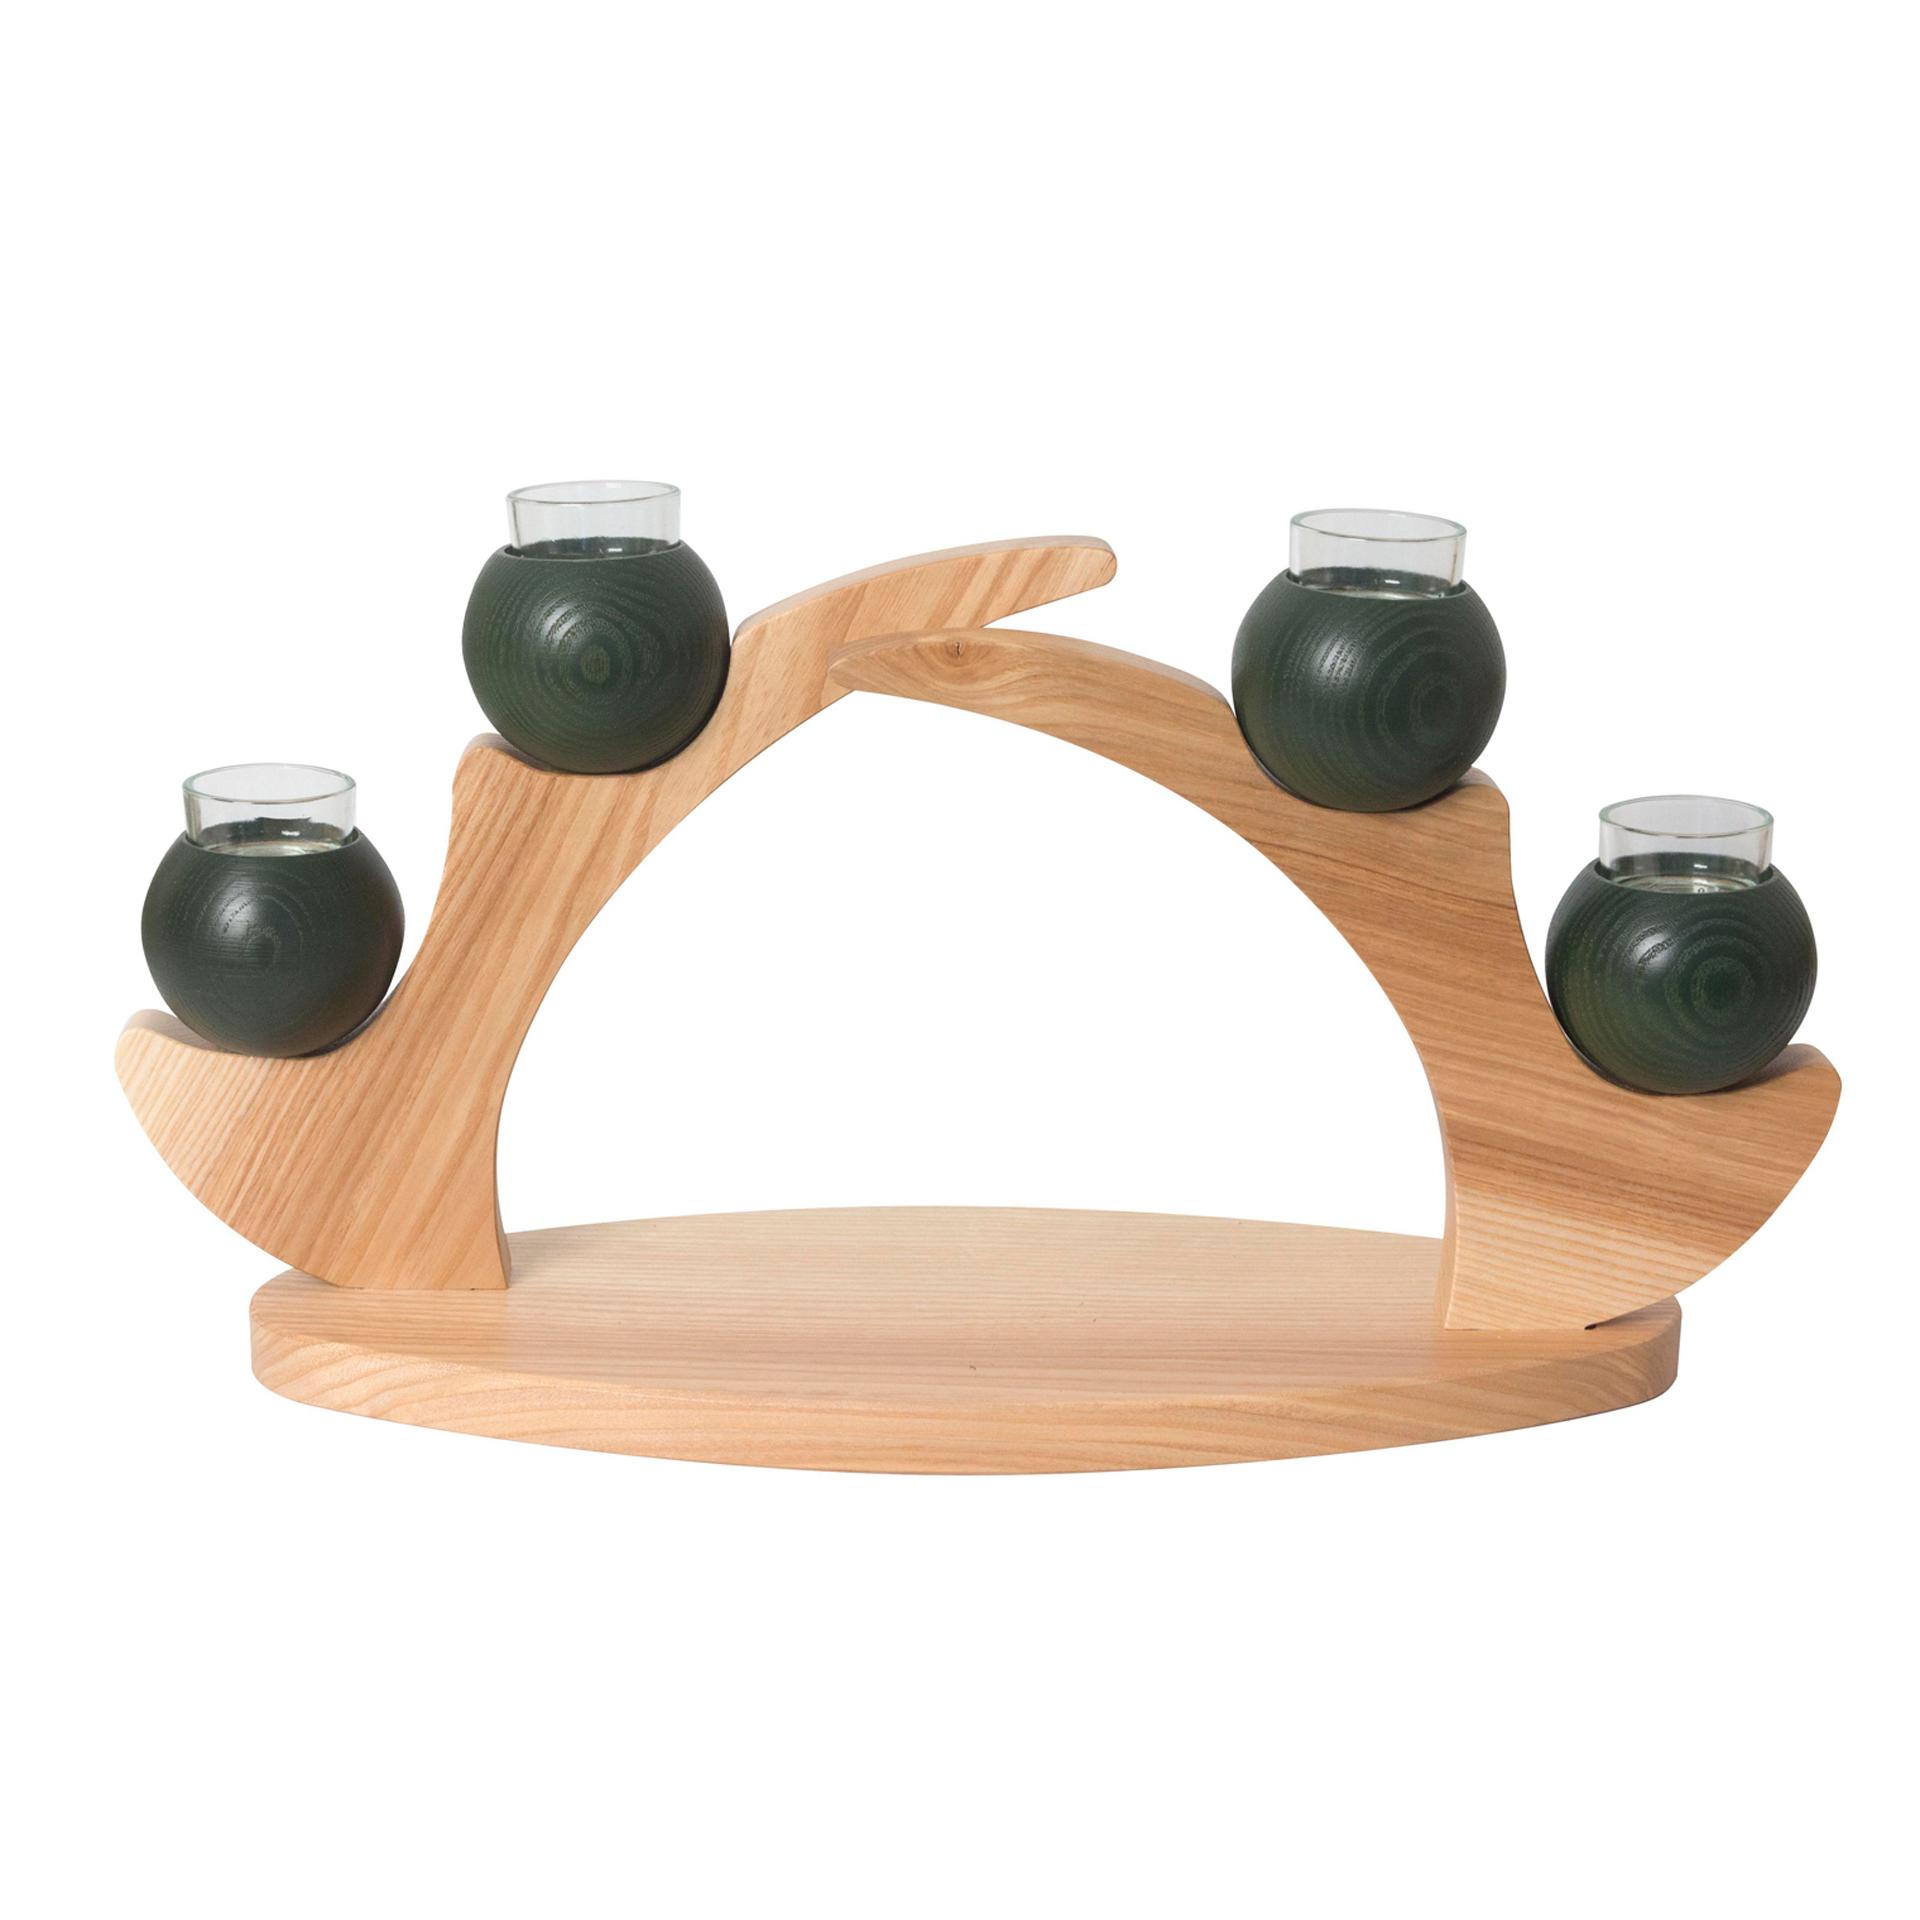 Tischleuchter 4 Kerzen, grün